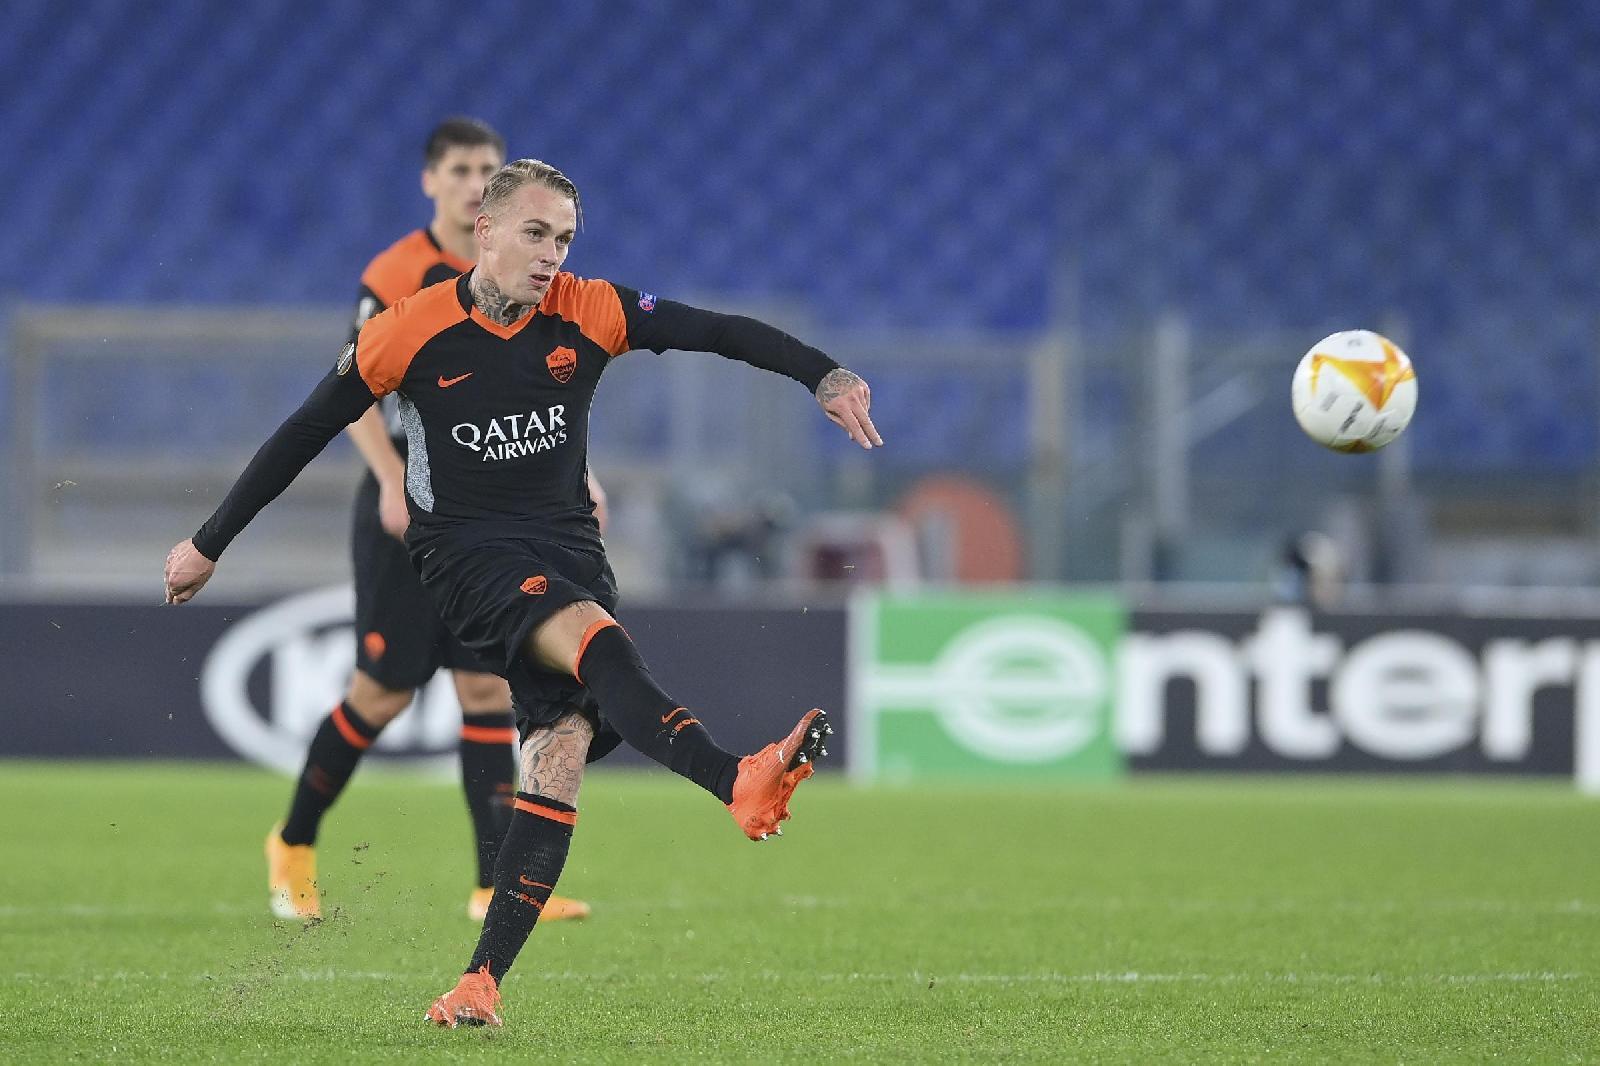 Le probabili formazioni di Roma-Sassuolo: alcuni dubbi per Mourinho